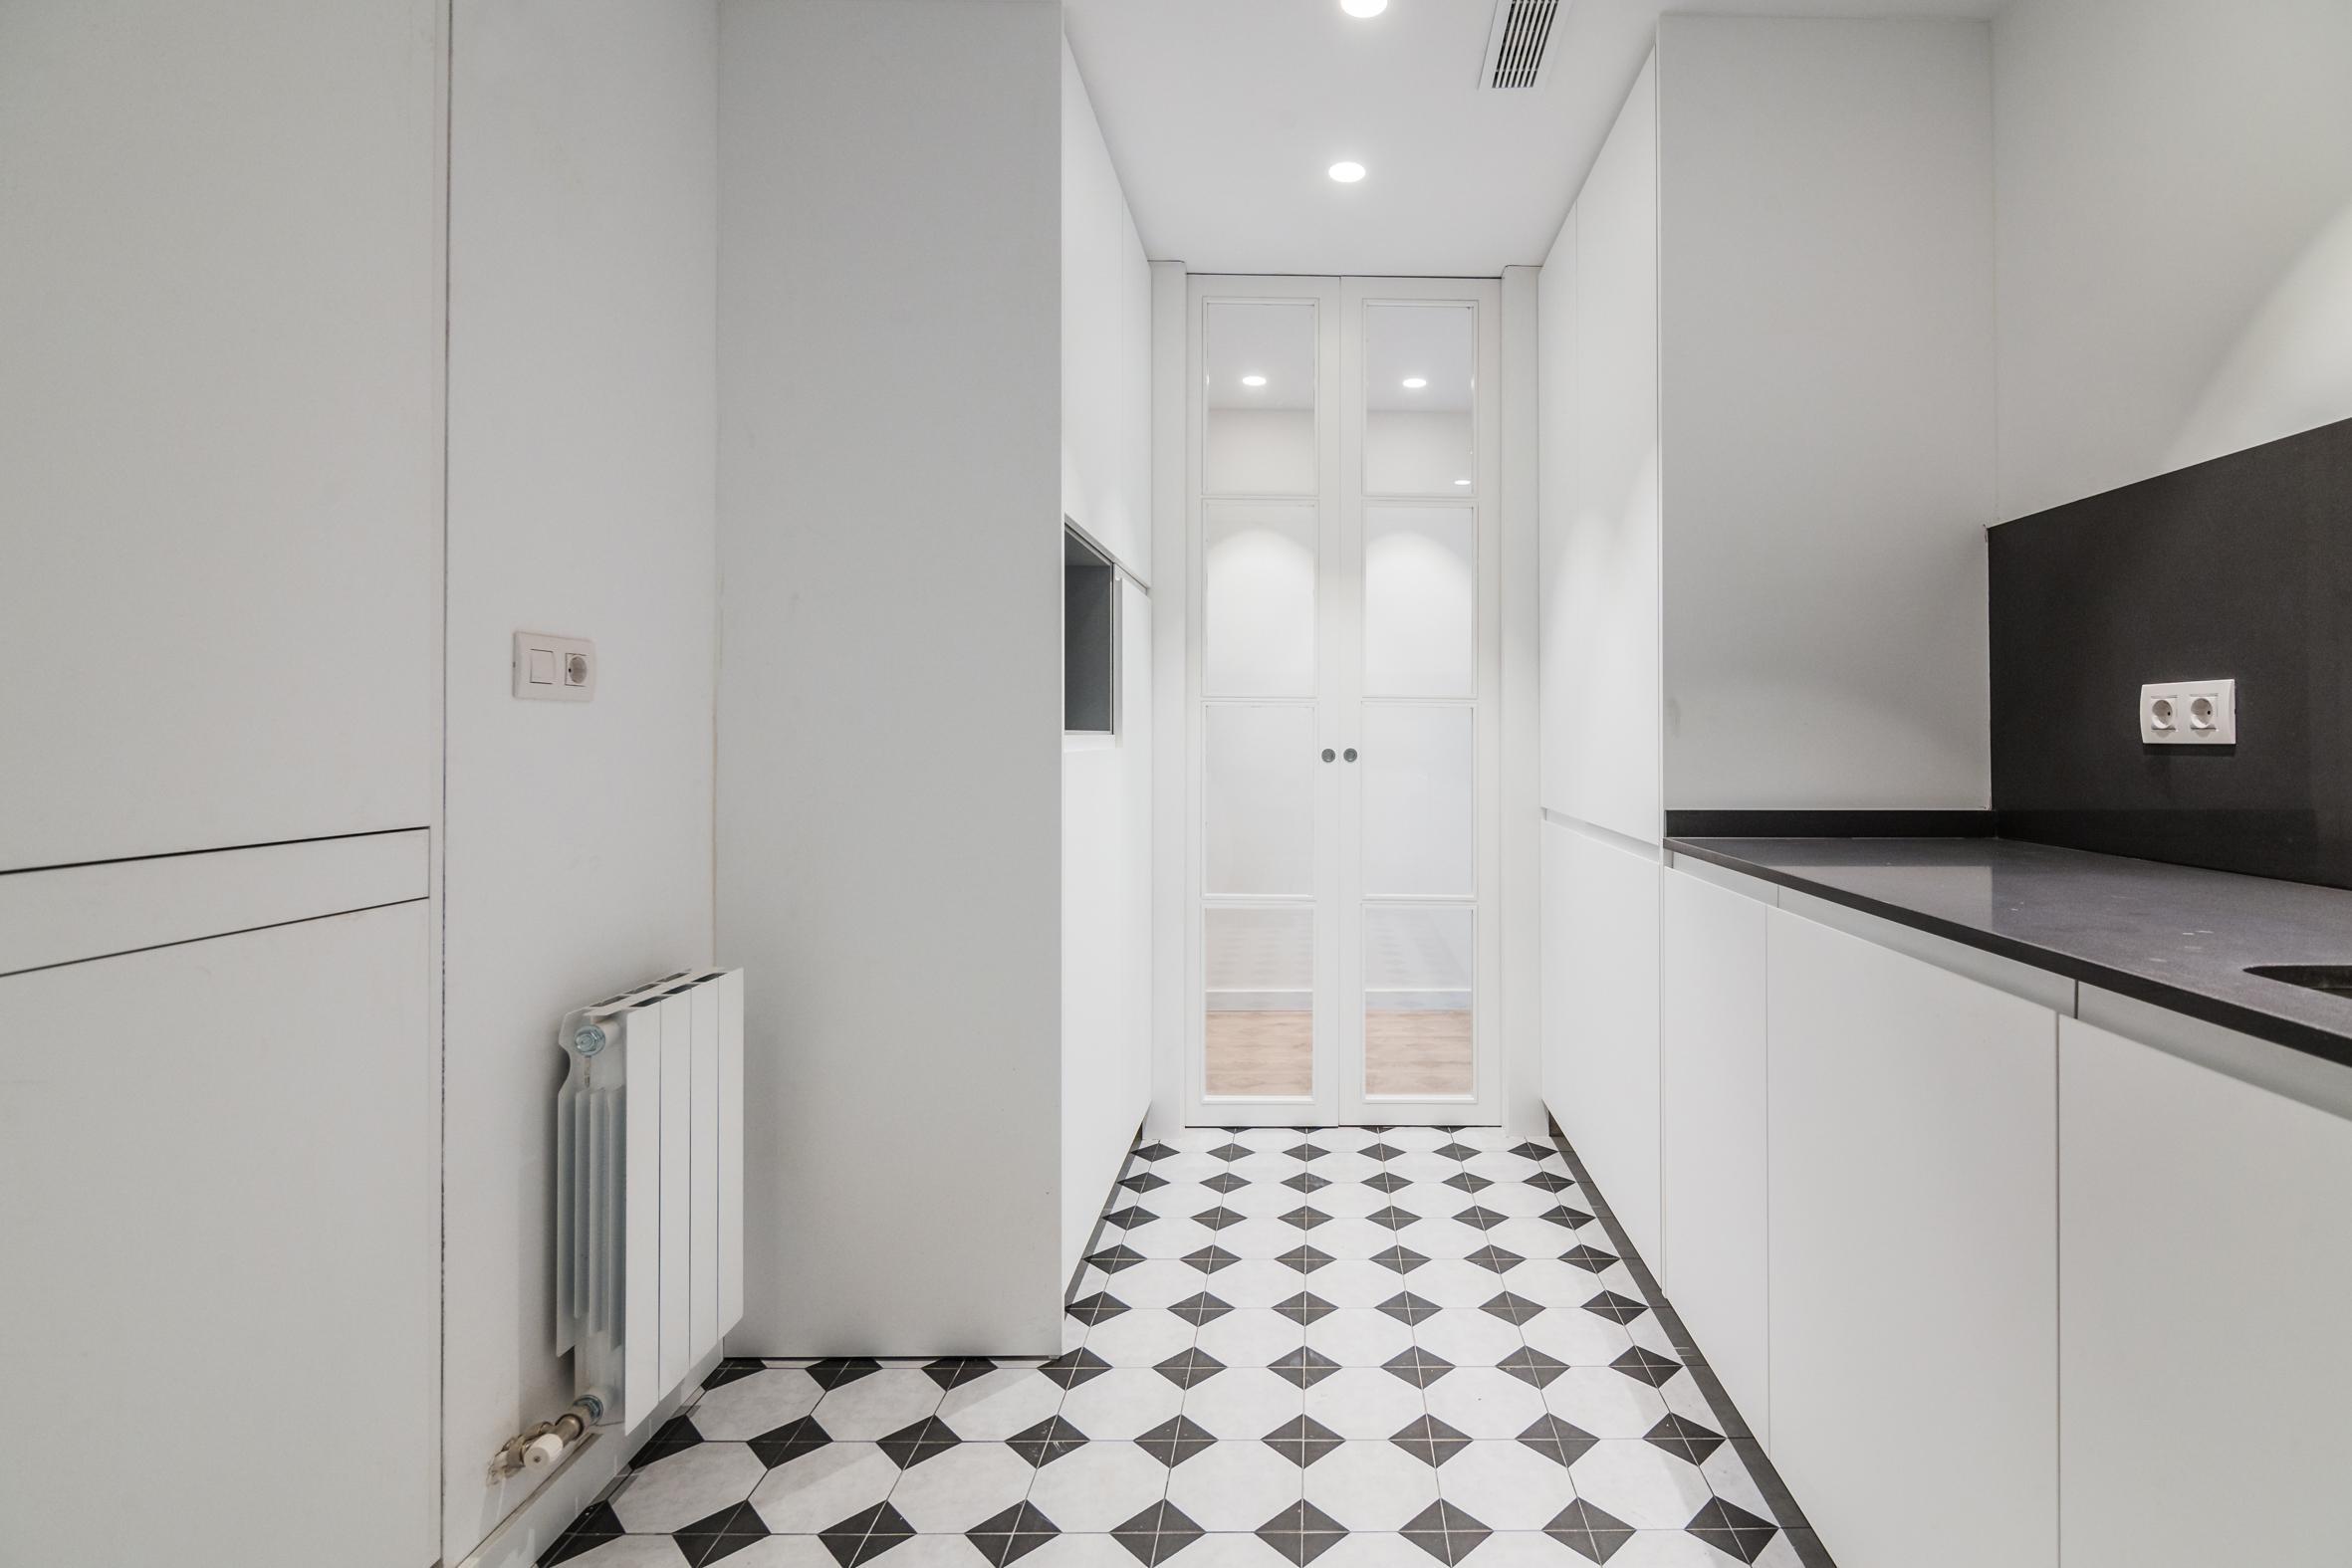 202959 Apartamento en venda en Sarrià-Sant Gervasi, St. Gervasi-Bonanova 18